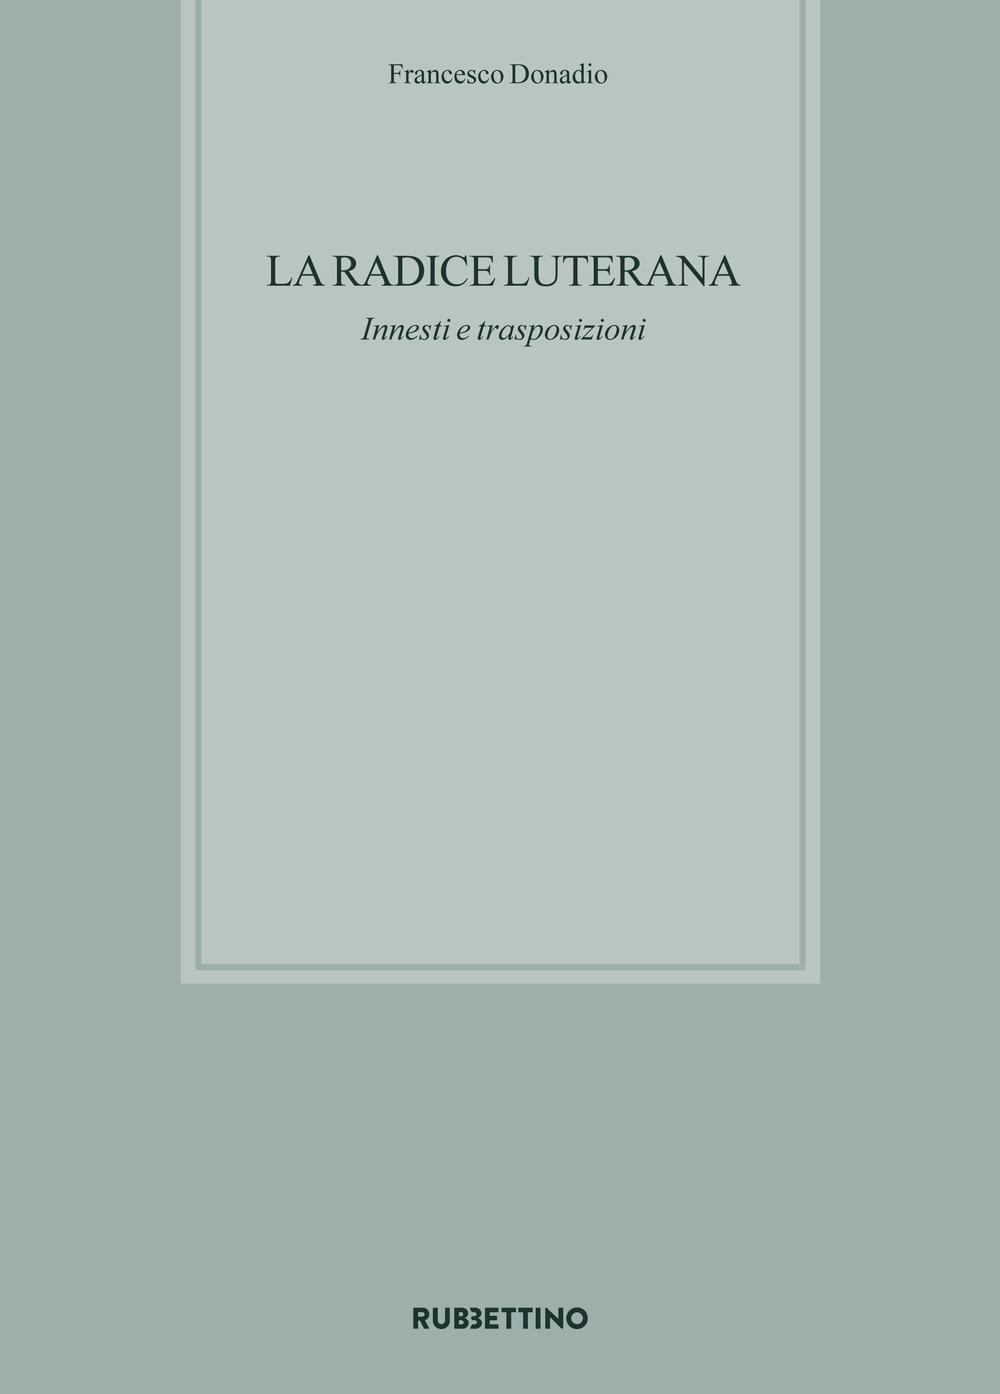 La radice luterana. Innesti e trasposizioni